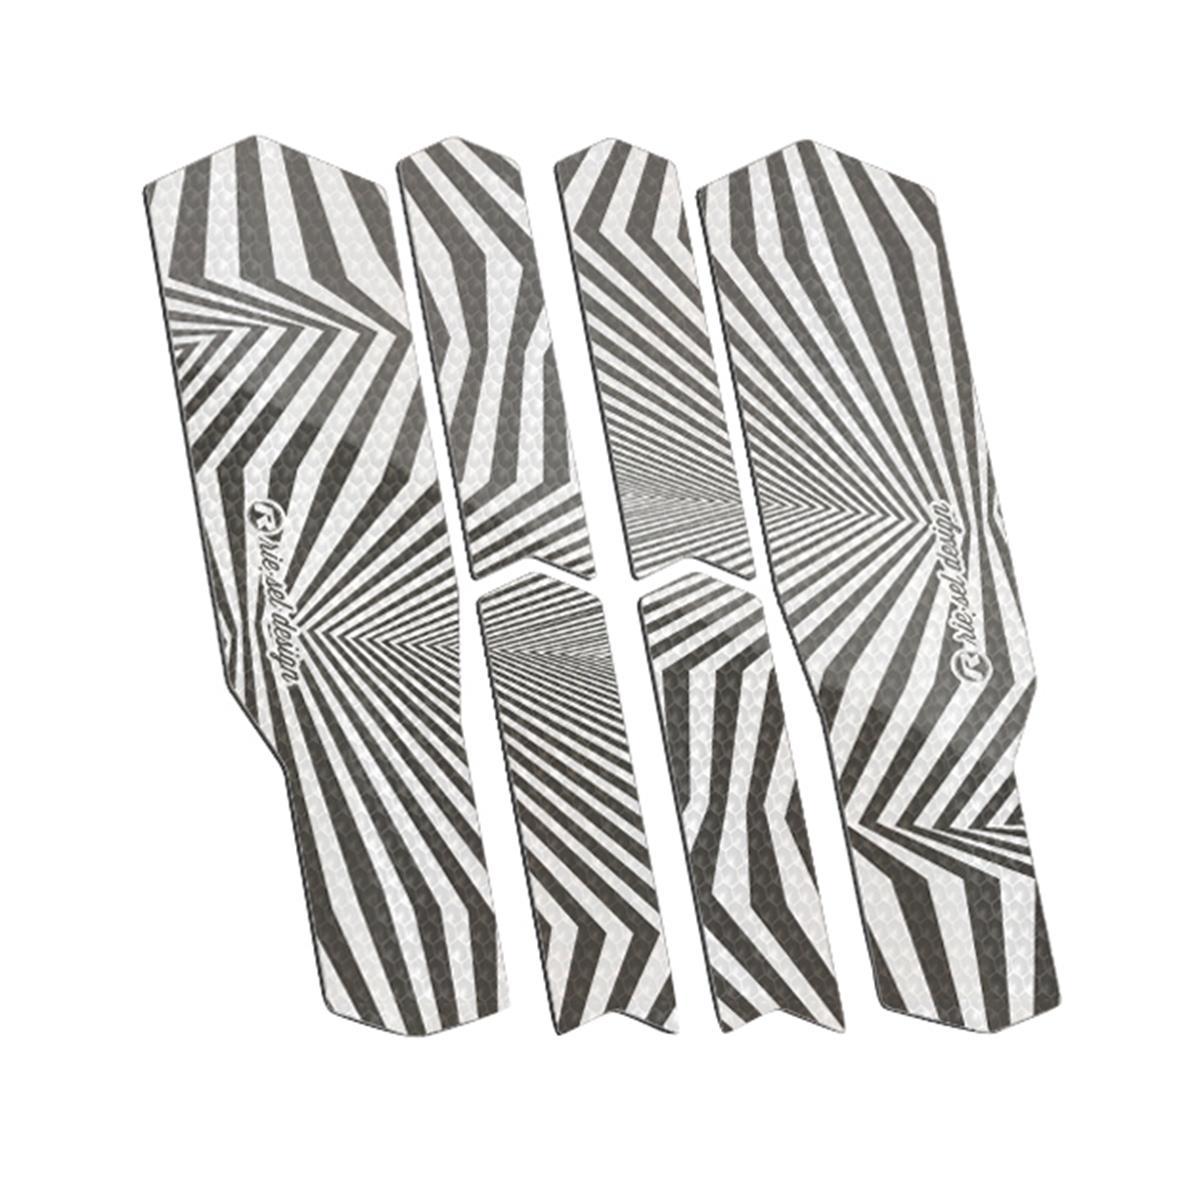 Riesel Design Kettenstrebenschutz Tape 3000 Dazzl